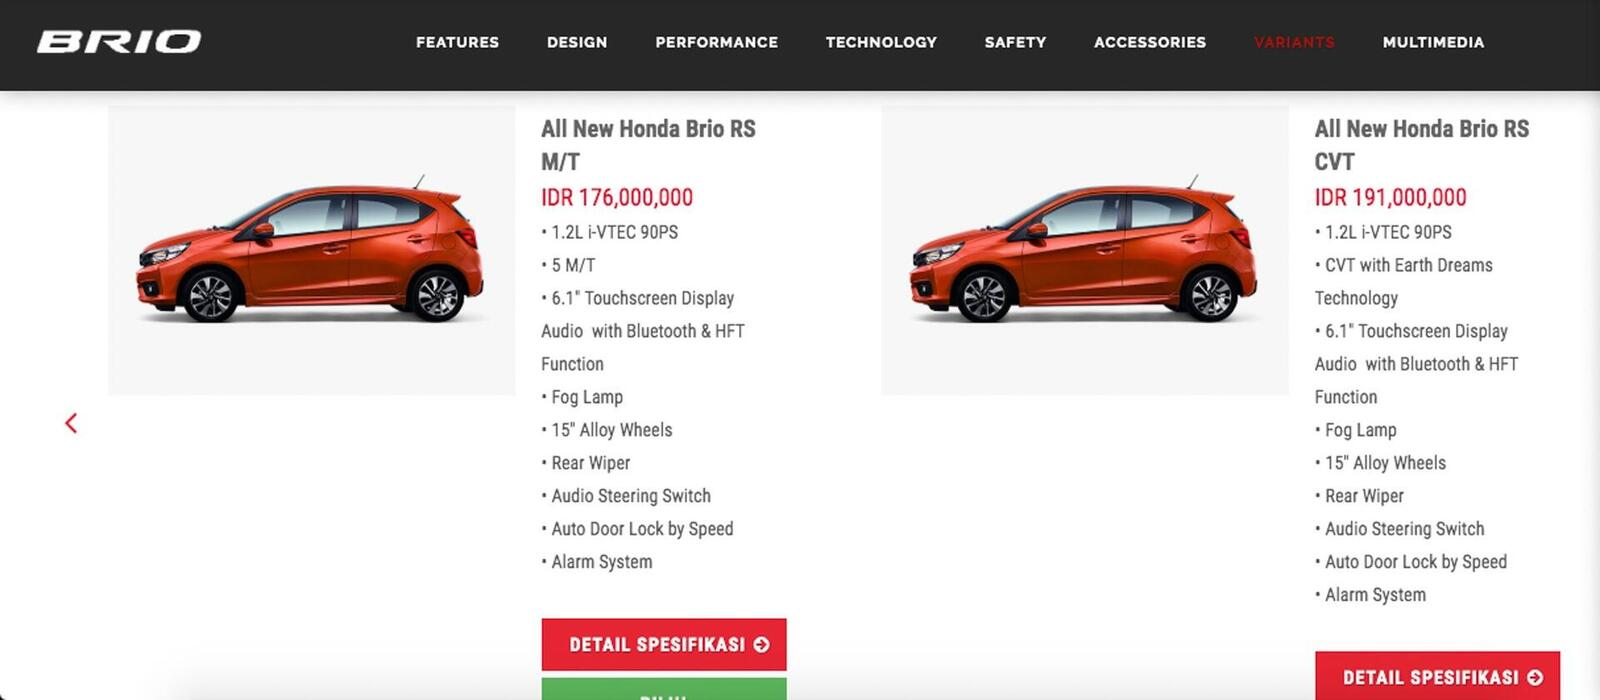 Dự đoán 3 phiên bản Honda Brio sắp ra mắt vào ngày 18.06 sắp tới - Hình 4